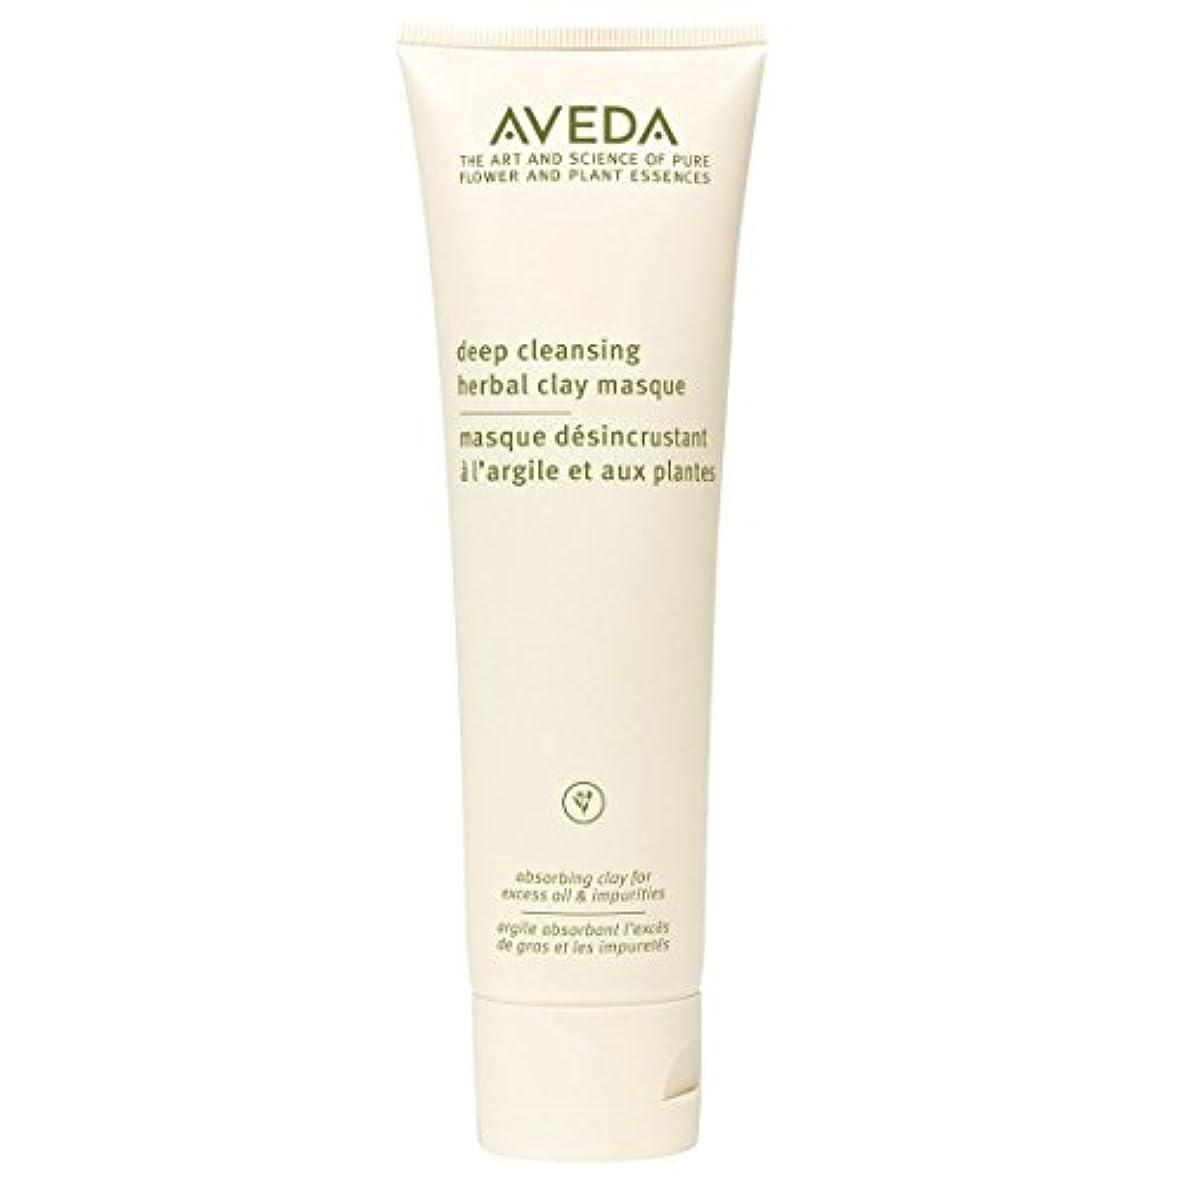 引き出す発音エキゾチック[AVEDA] アヴェダディープクレンジングハーブ粘土仮面の125グラム - Aveda Deep Cleansing Herbal Clay Masque 125g [並行輸入品]